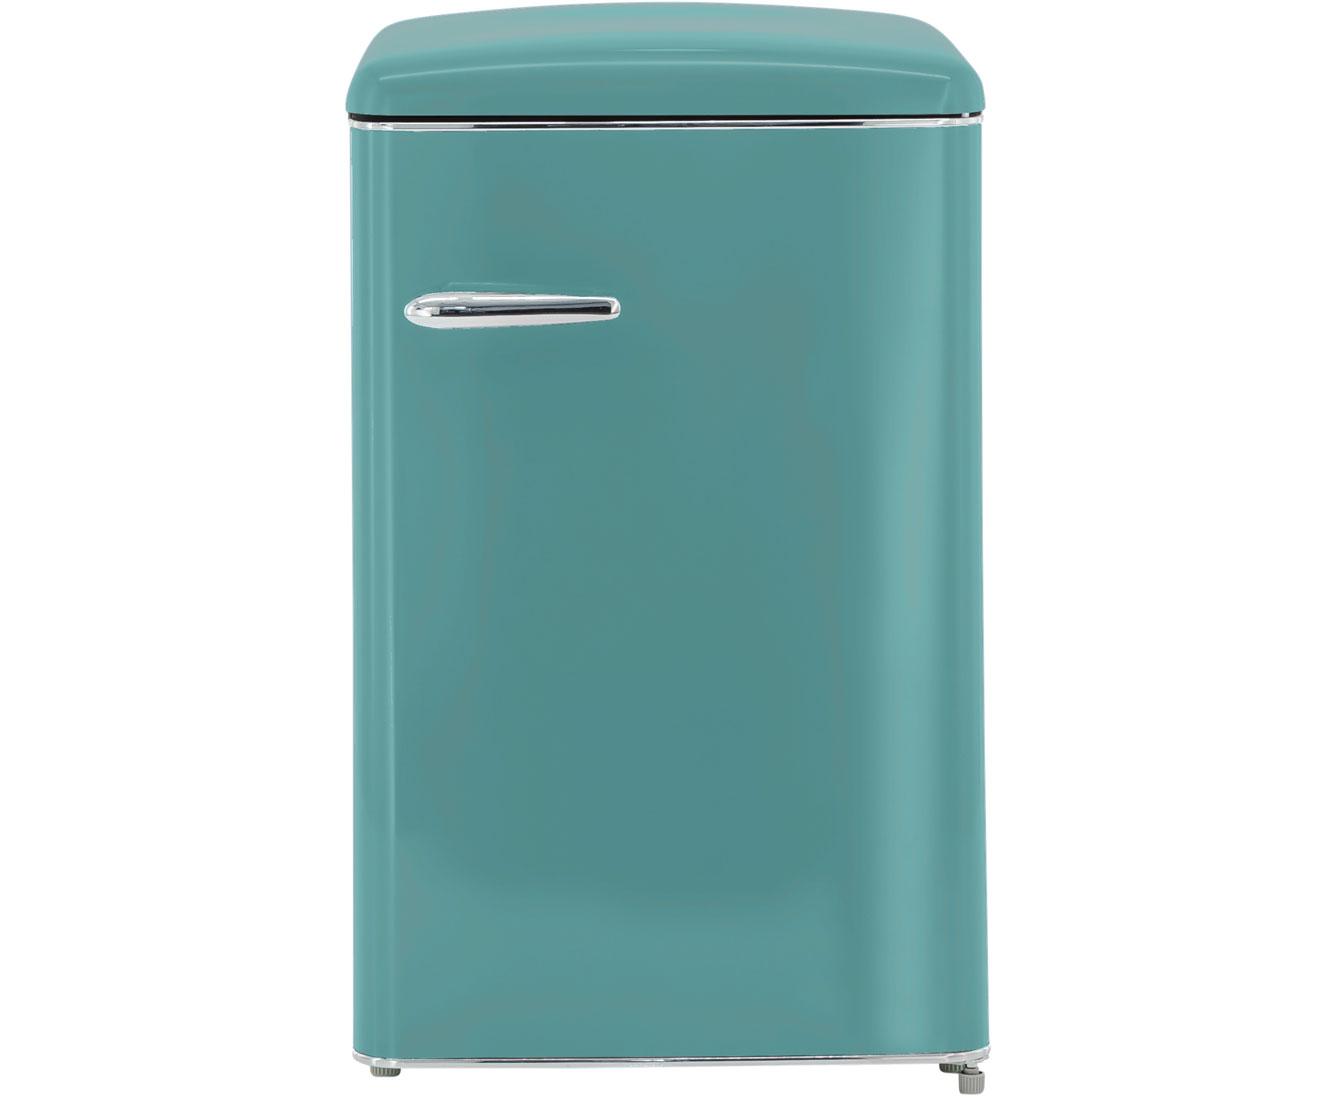 Kühlschrank Retro Schwarz : Kühlschrank retro preisvergleich u die besten angebote online kaufen